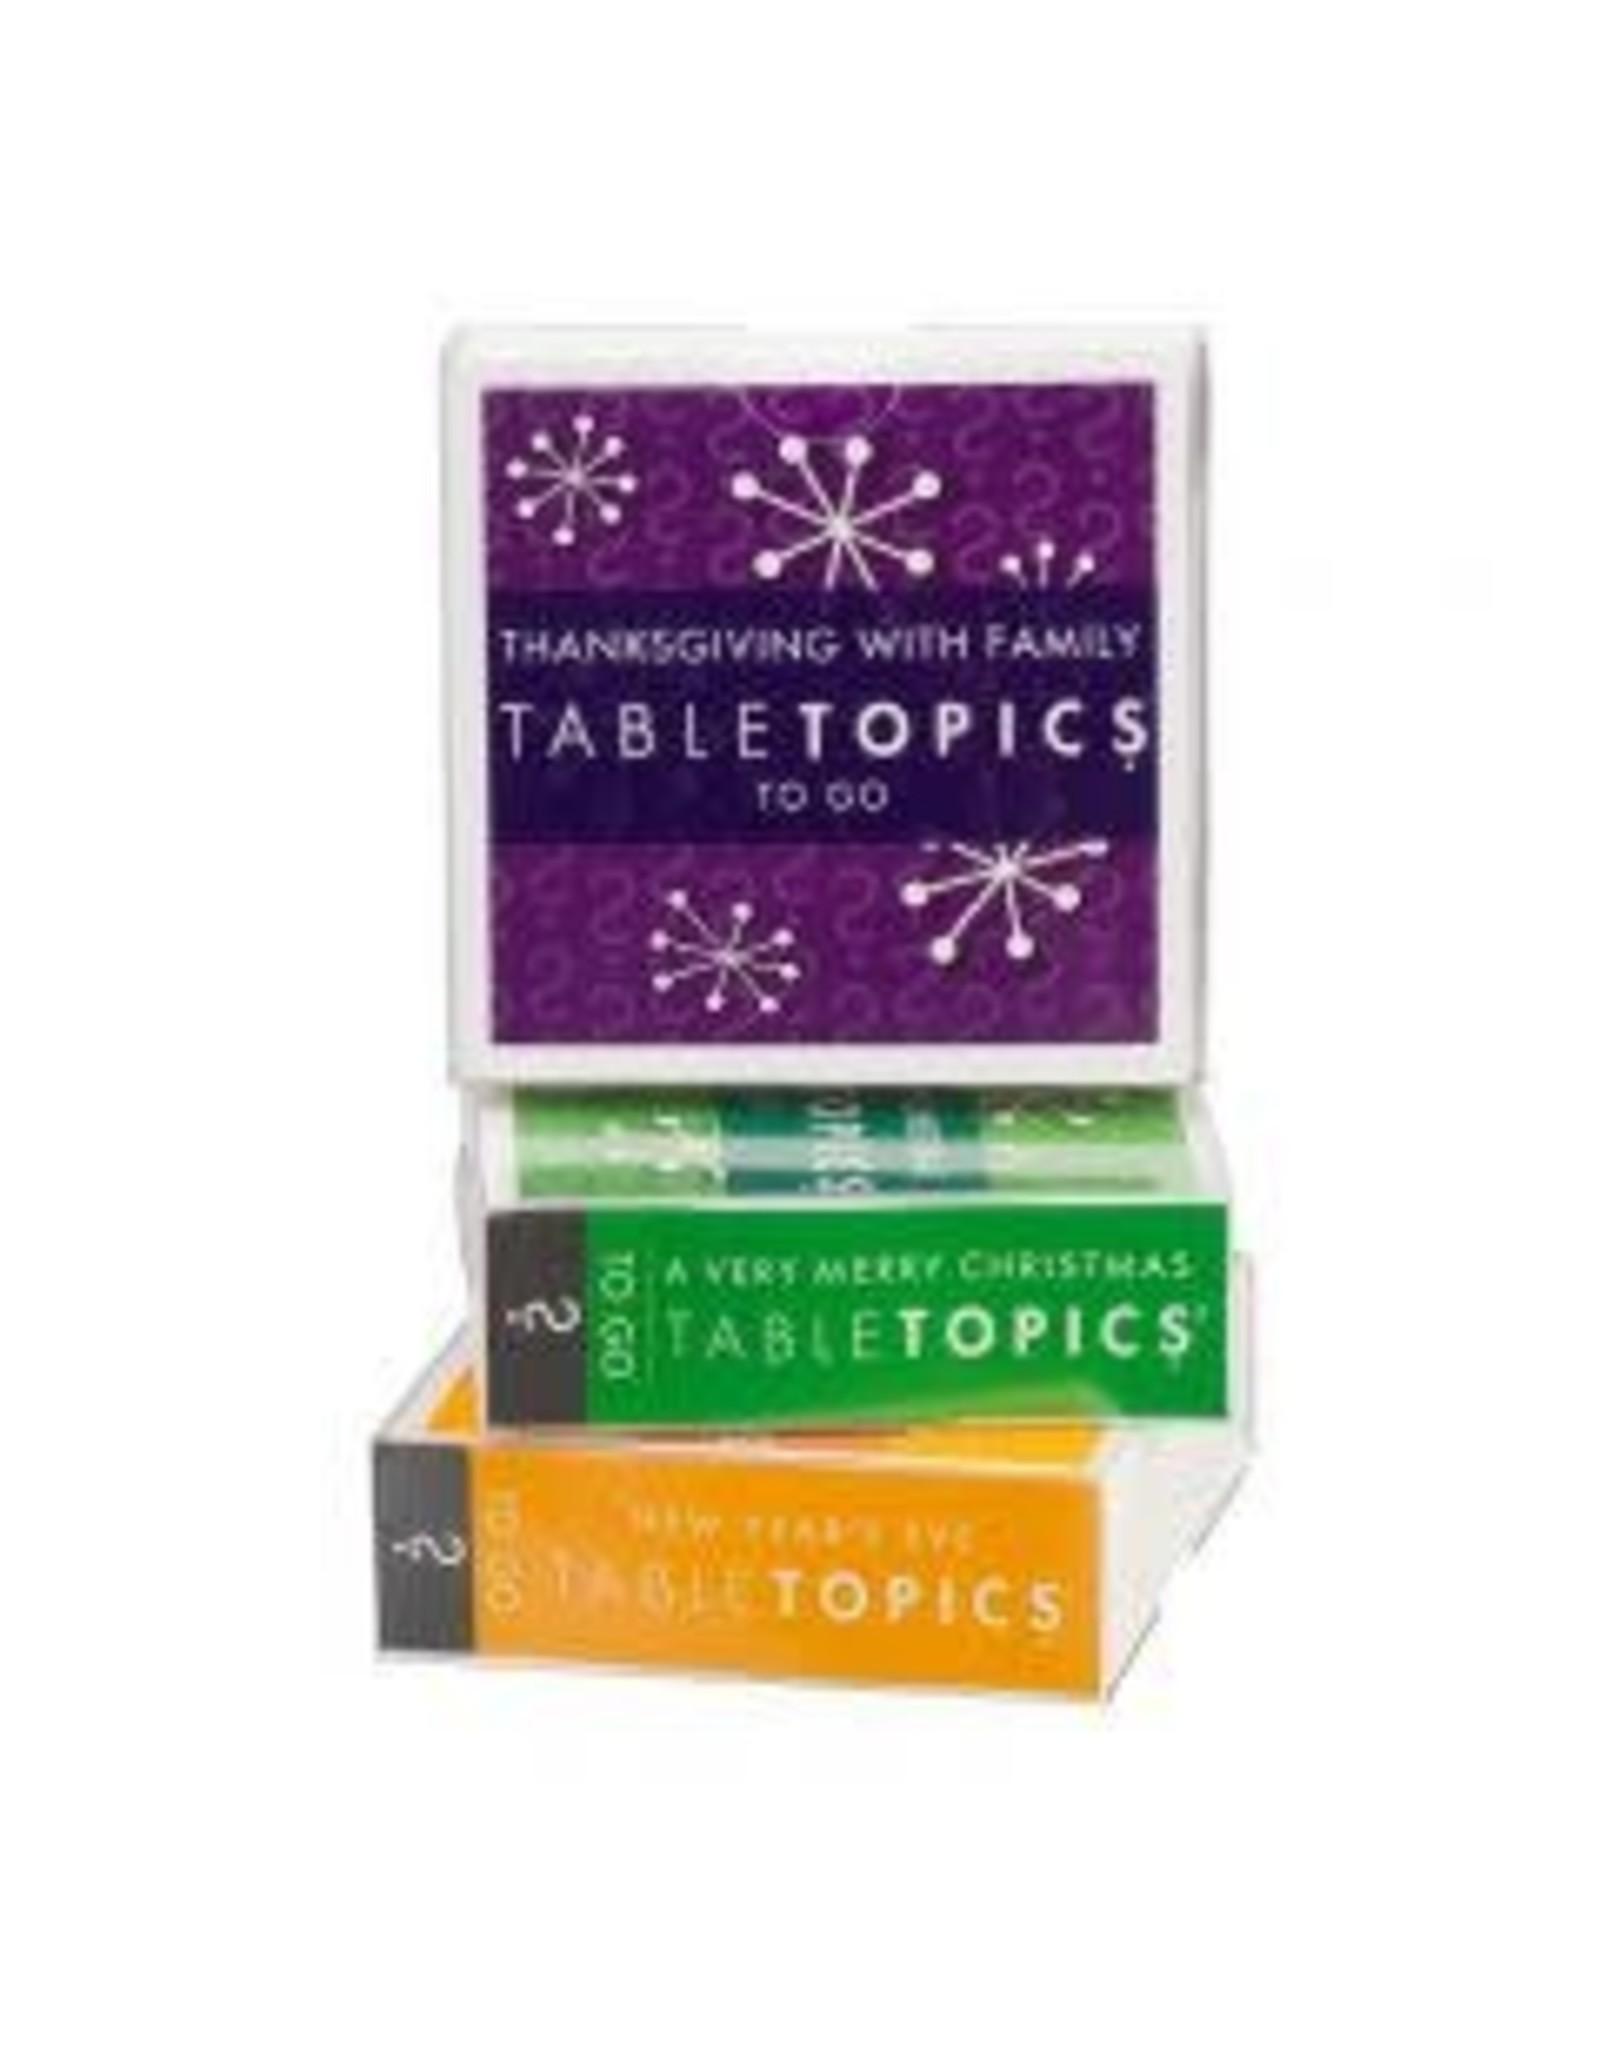 Tabletopics HOLIDAY TRIO TABLE TOPICS